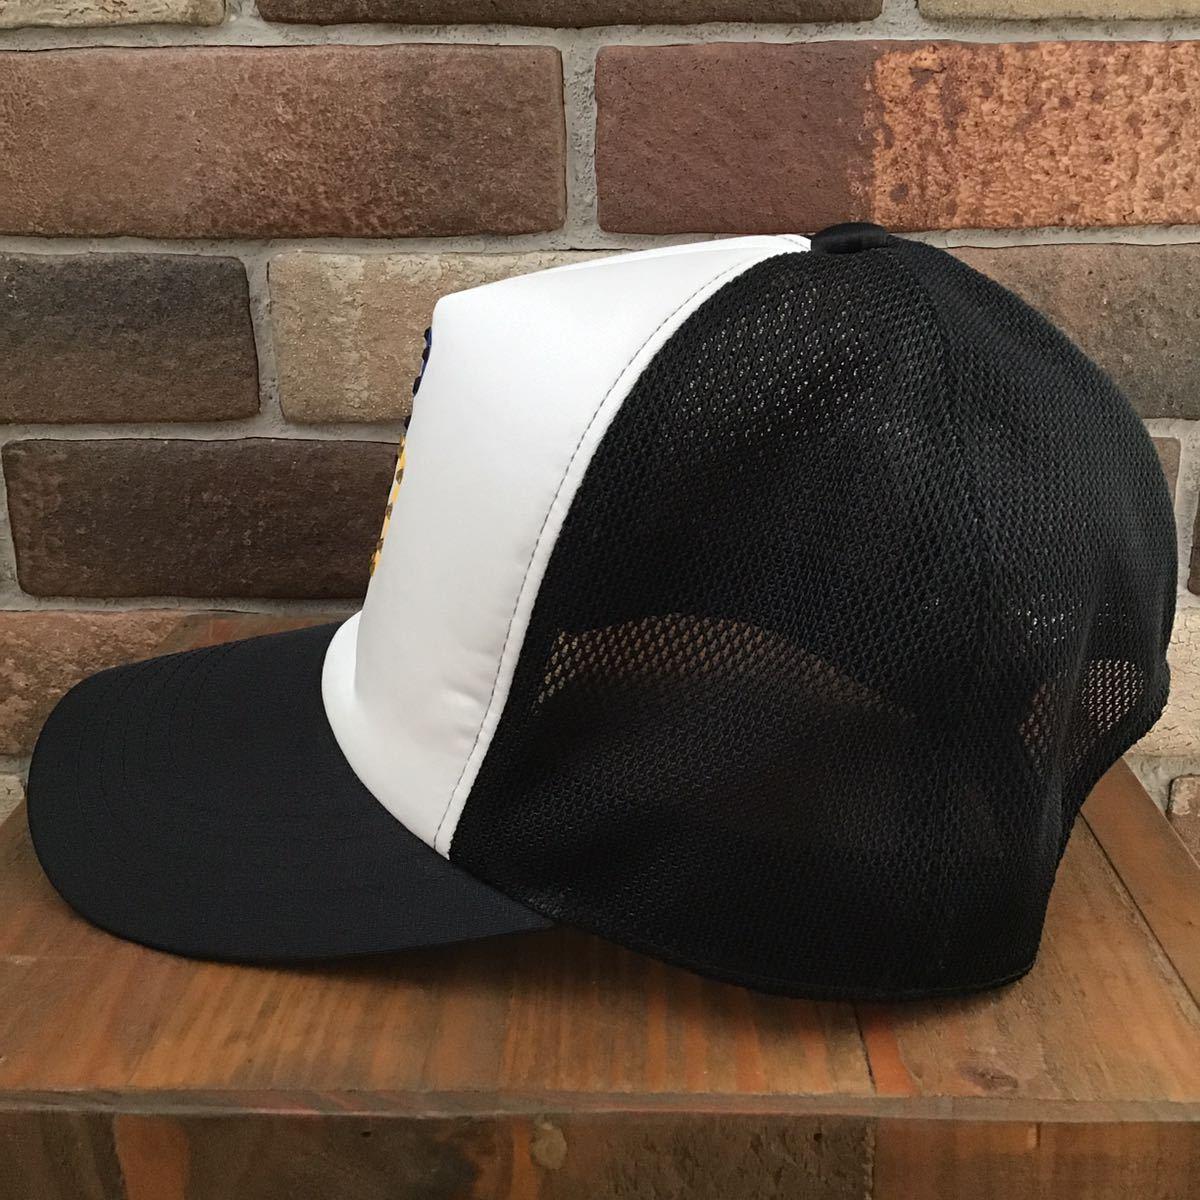 スワロフスキー BAPE logo キャップ a bathing ape swarovski cap trucker hat ラインストーン 帽子 エイプ ベイプ アベイシングエイプ 124